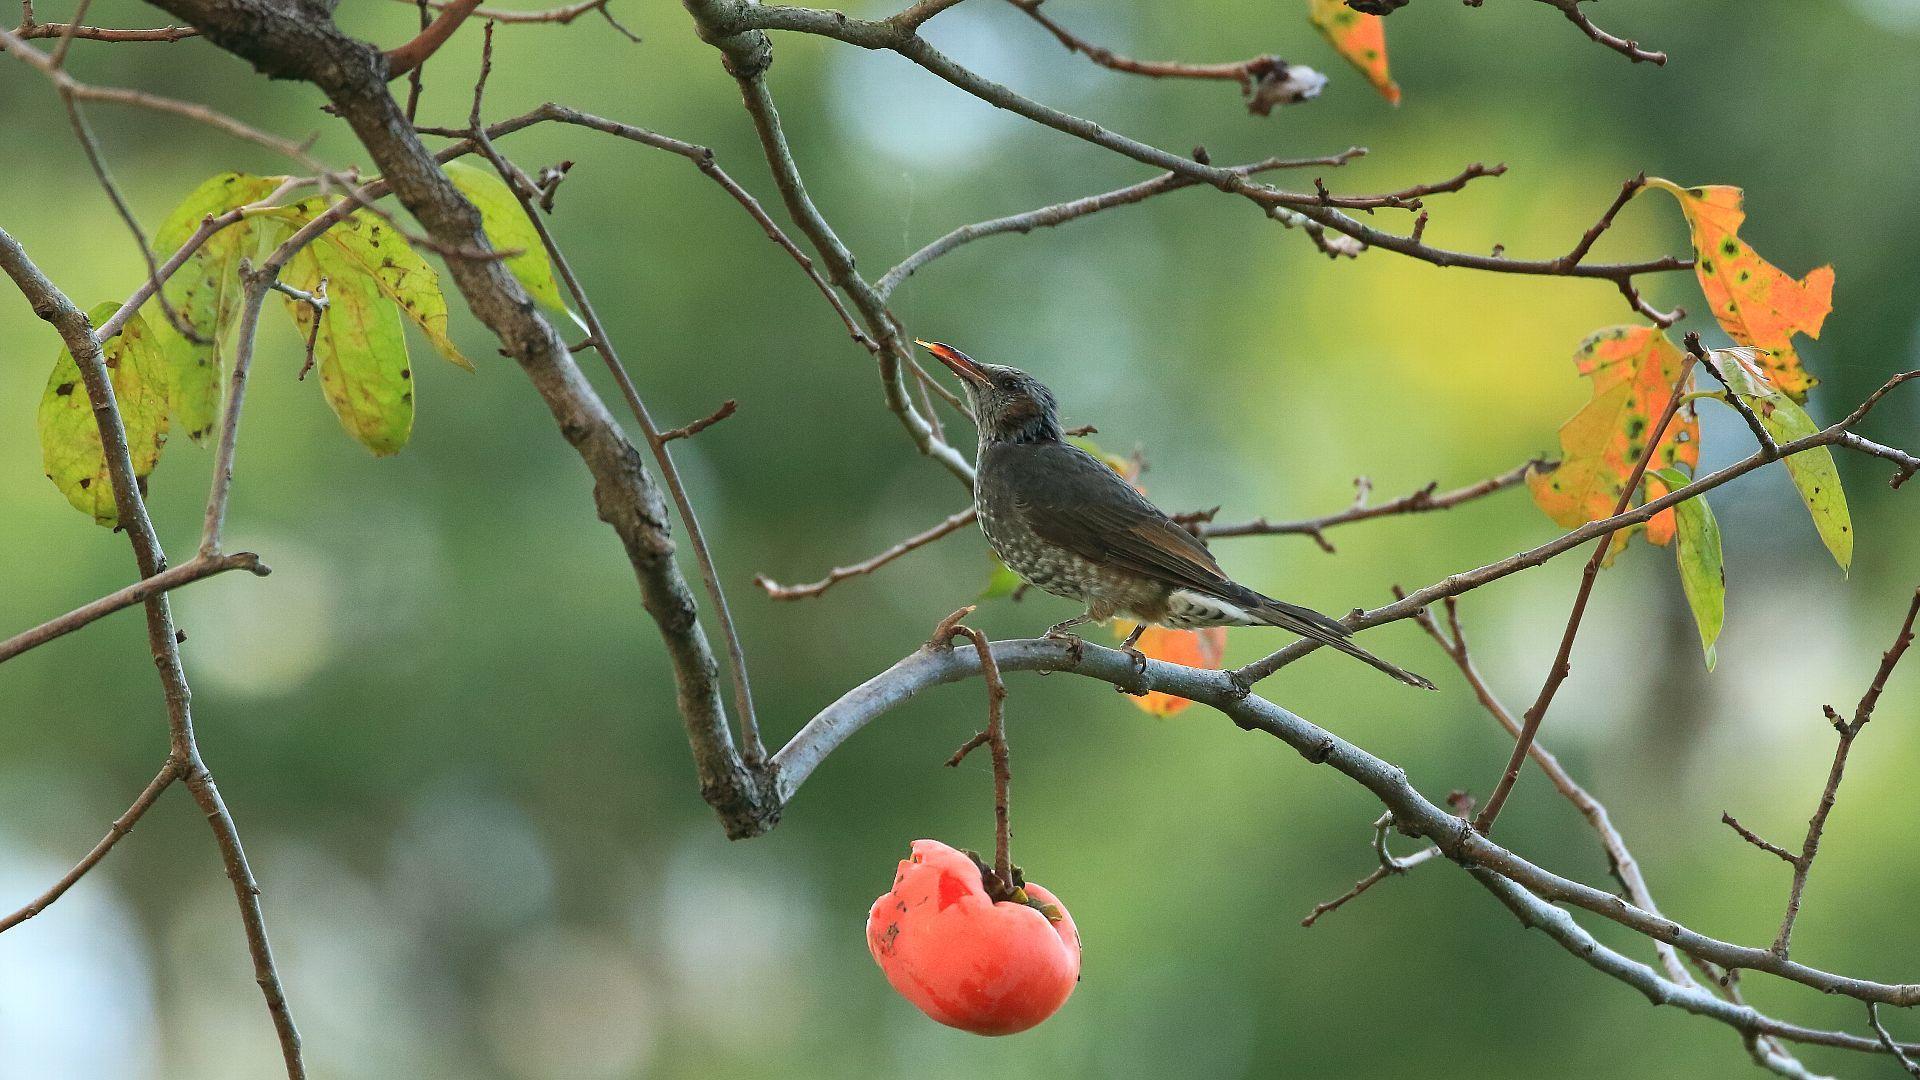 秋らしい柿の実とヒヨドリ_f0105570_21555982.jpg